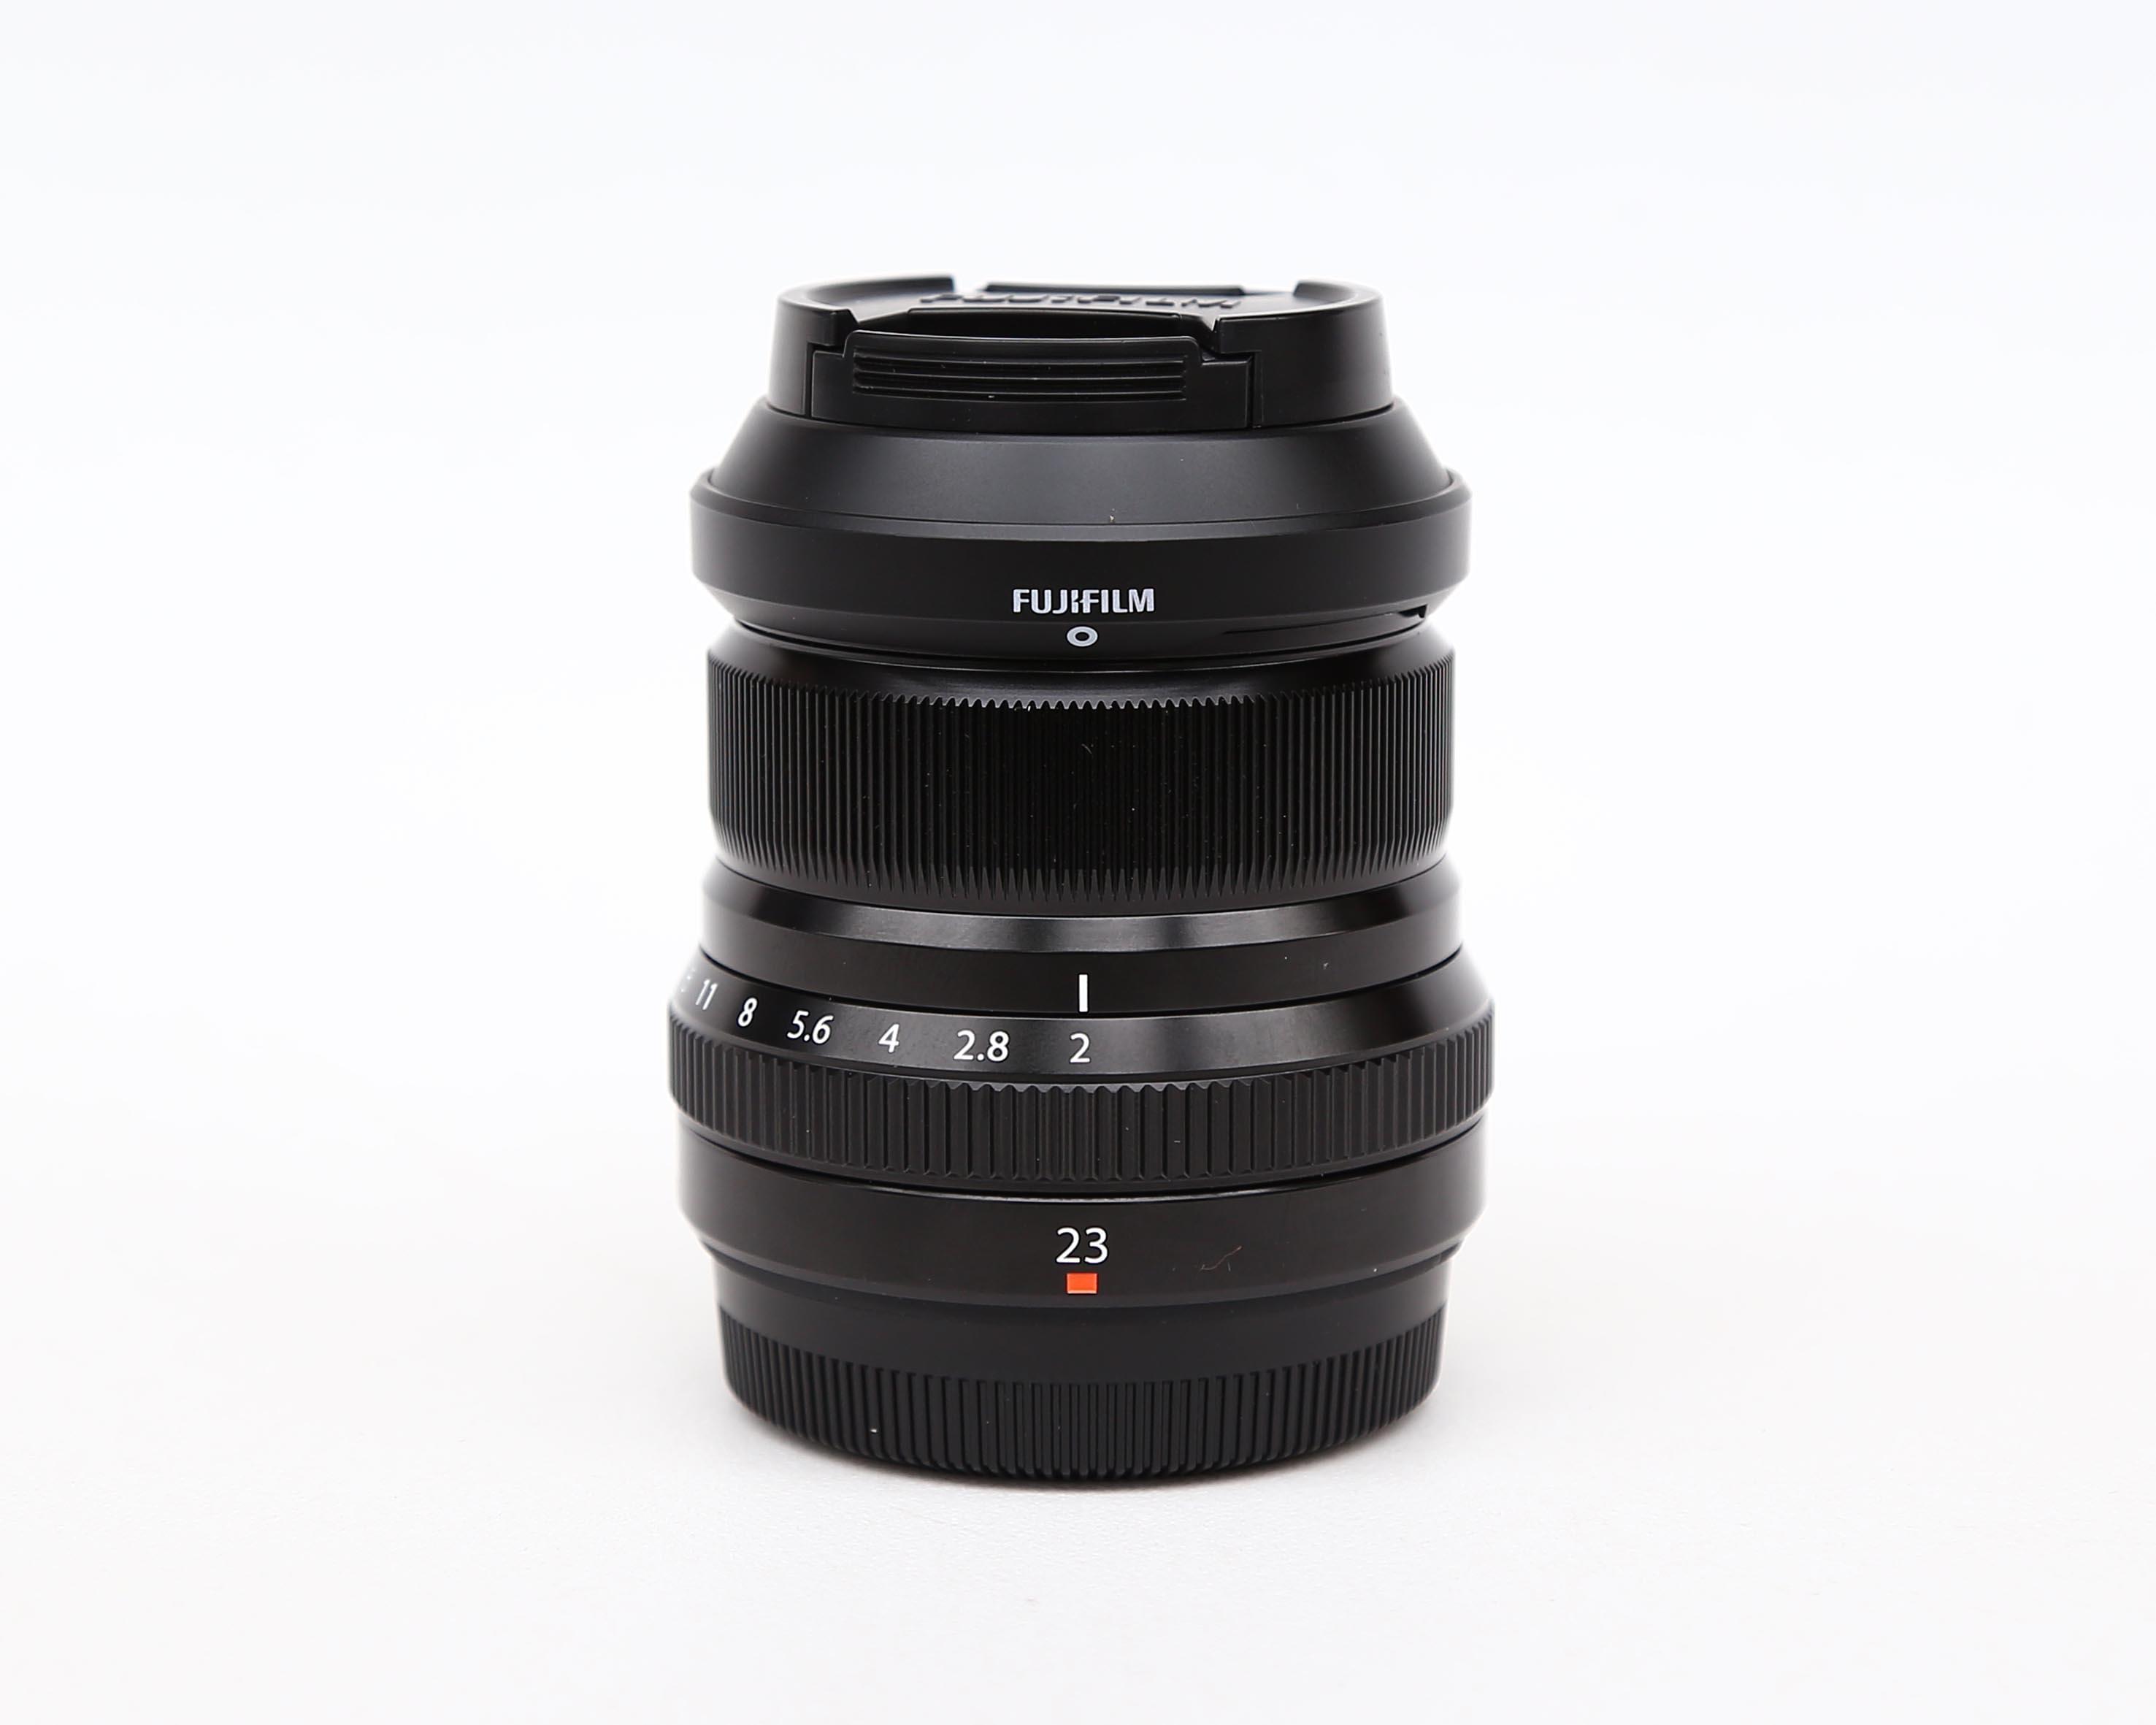 Fujifilm XF 23mm f/2 WR